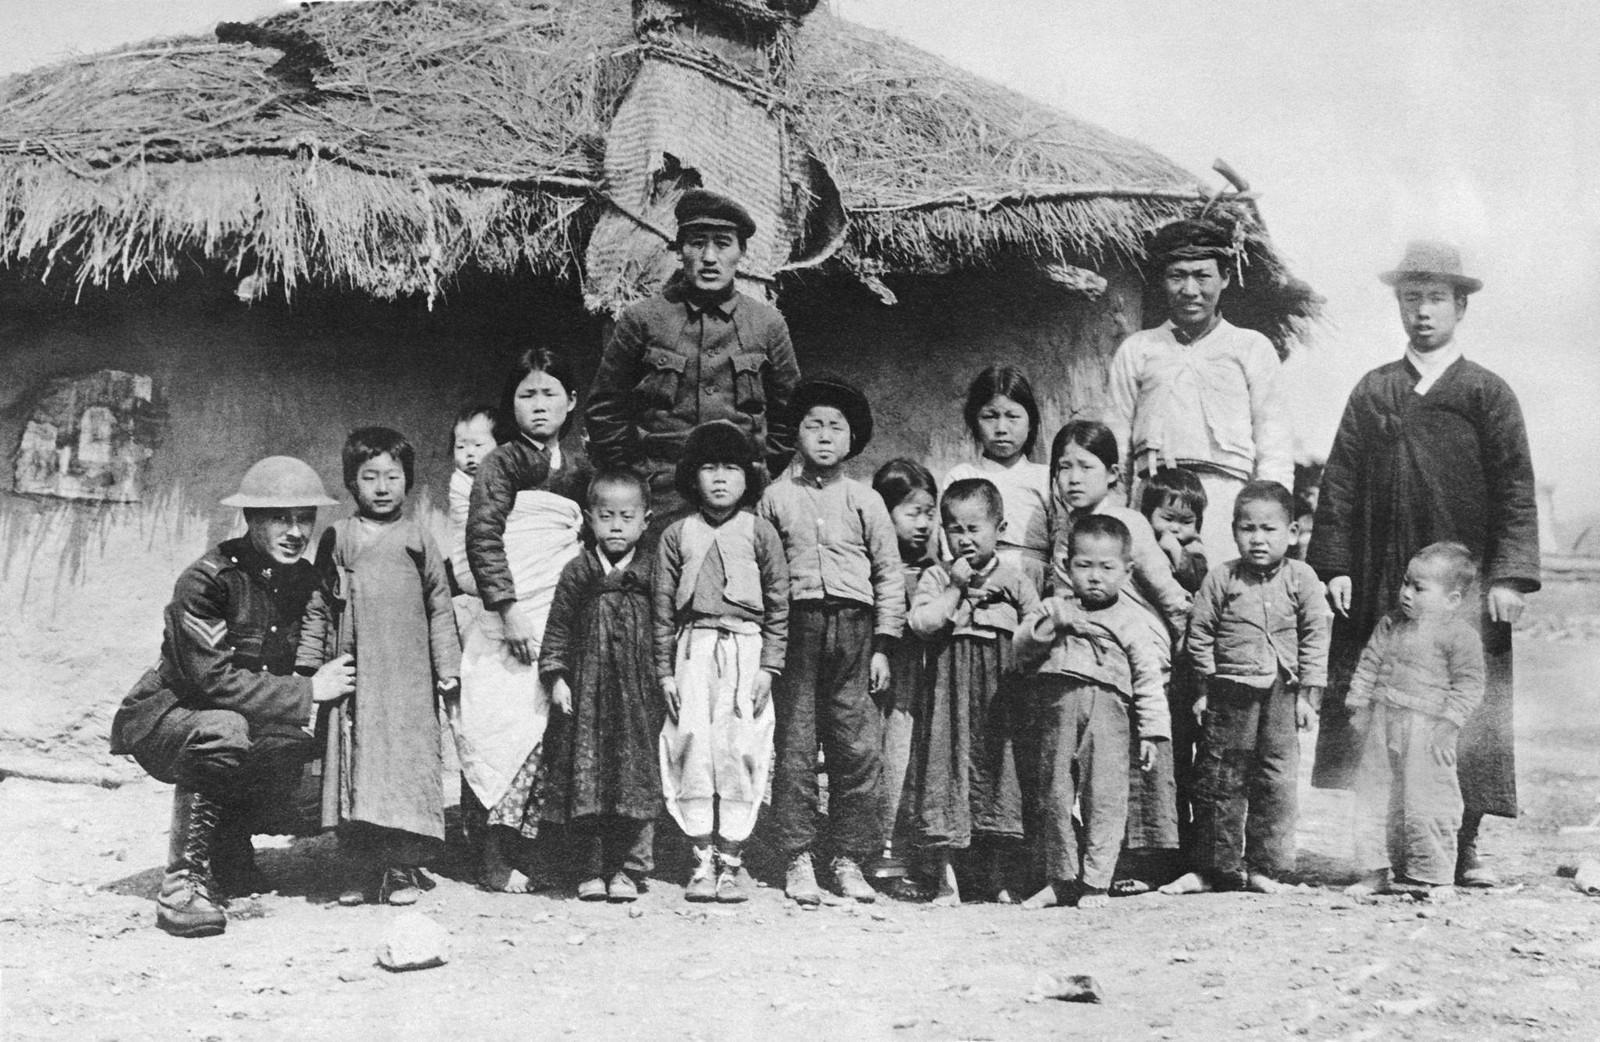 1919. Американский солдат с китайской семьей в Владивостоке, 21 августа